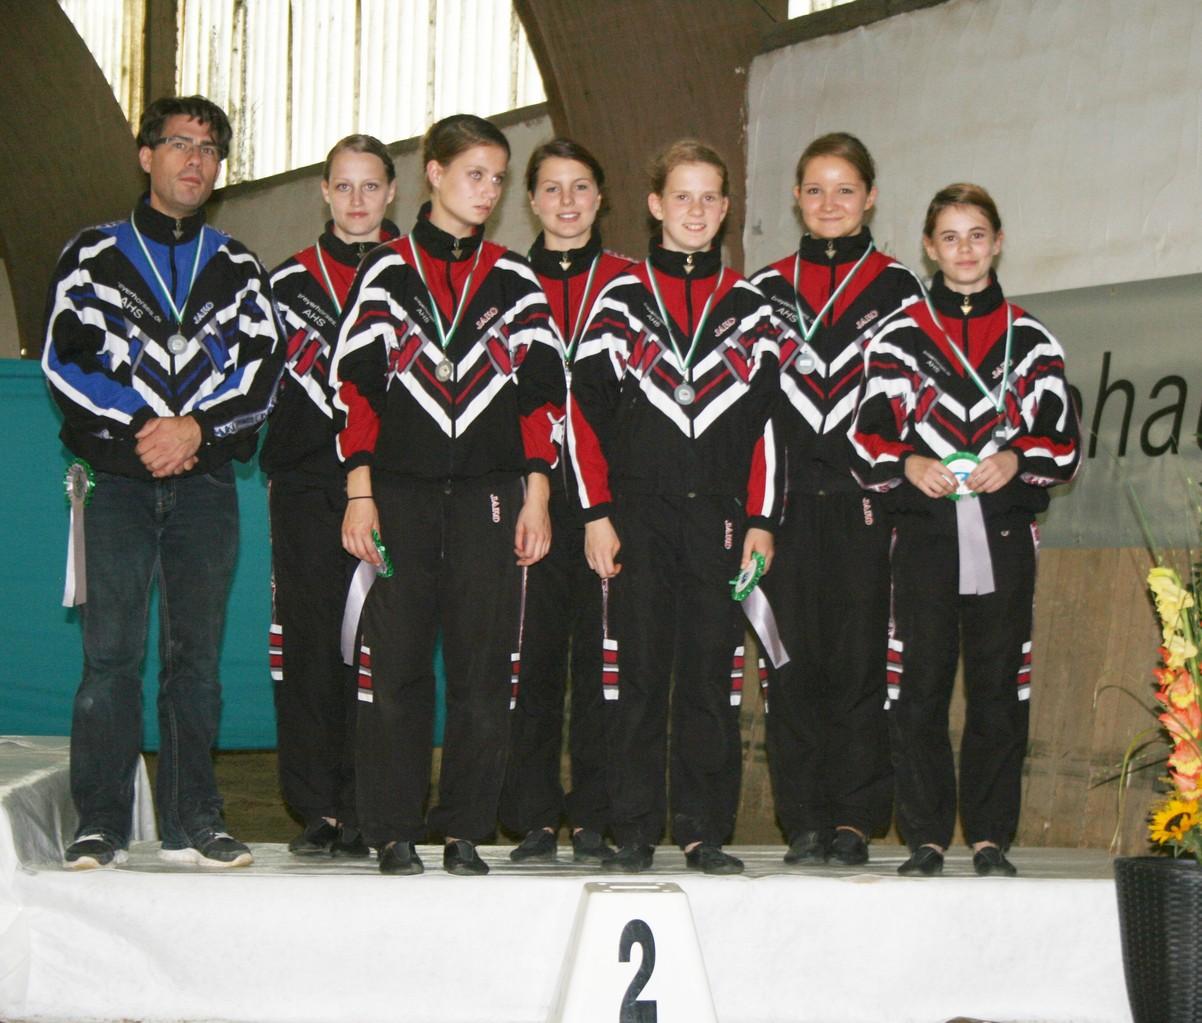 Lindenhof I - leider geschwächt. Das Doppel Jasmin und Lina waren für Hessen auf dem LVWK und Louise konnte auch nicht dabei sein. Deshalb gab es diesmal die Silbermedaille